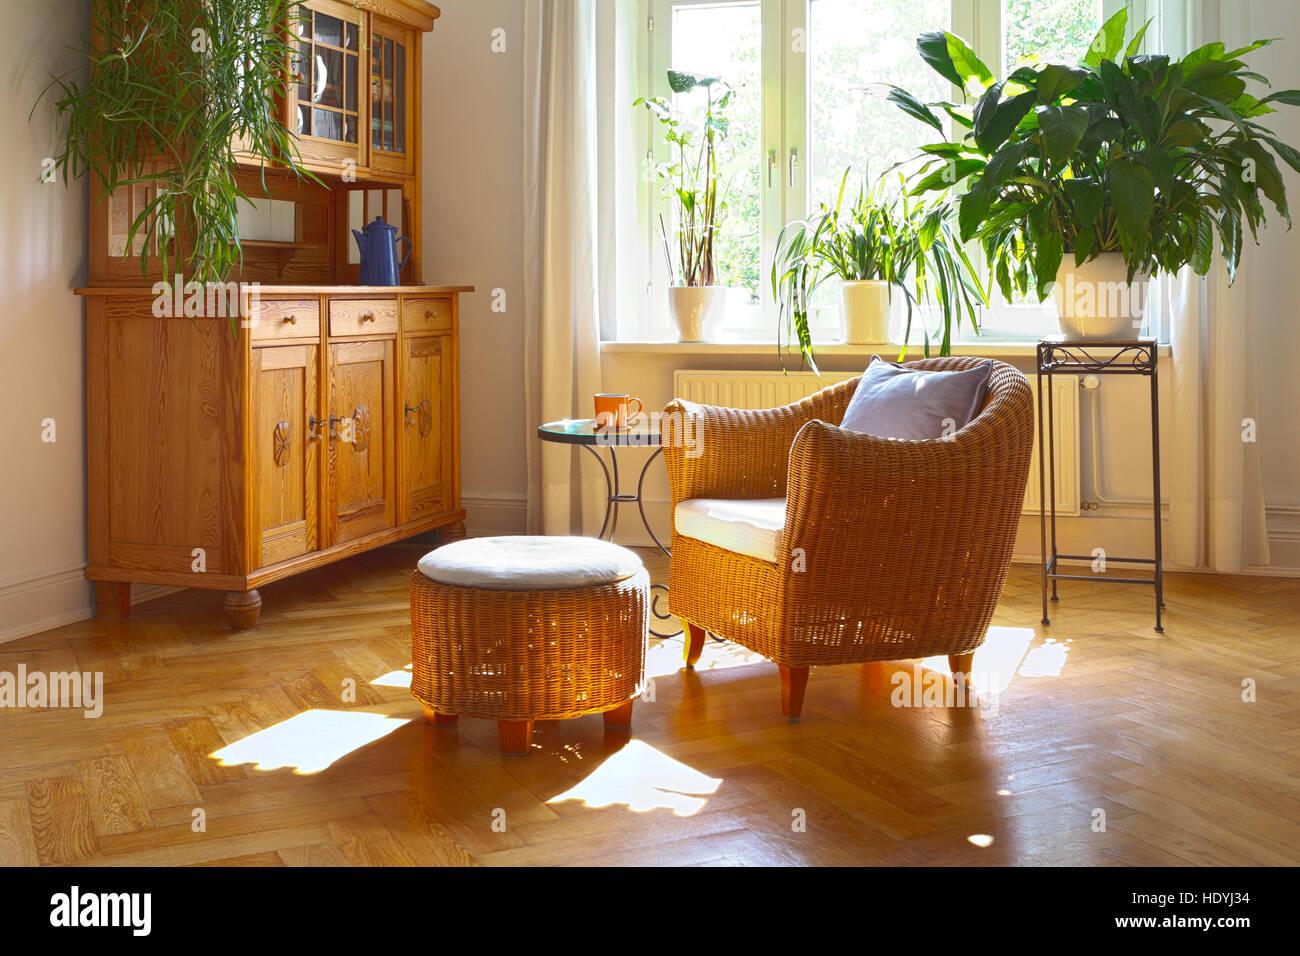 Sonniges Wohnzimmer in warmen Farben mit gemütlichen Korbmöbeln ...